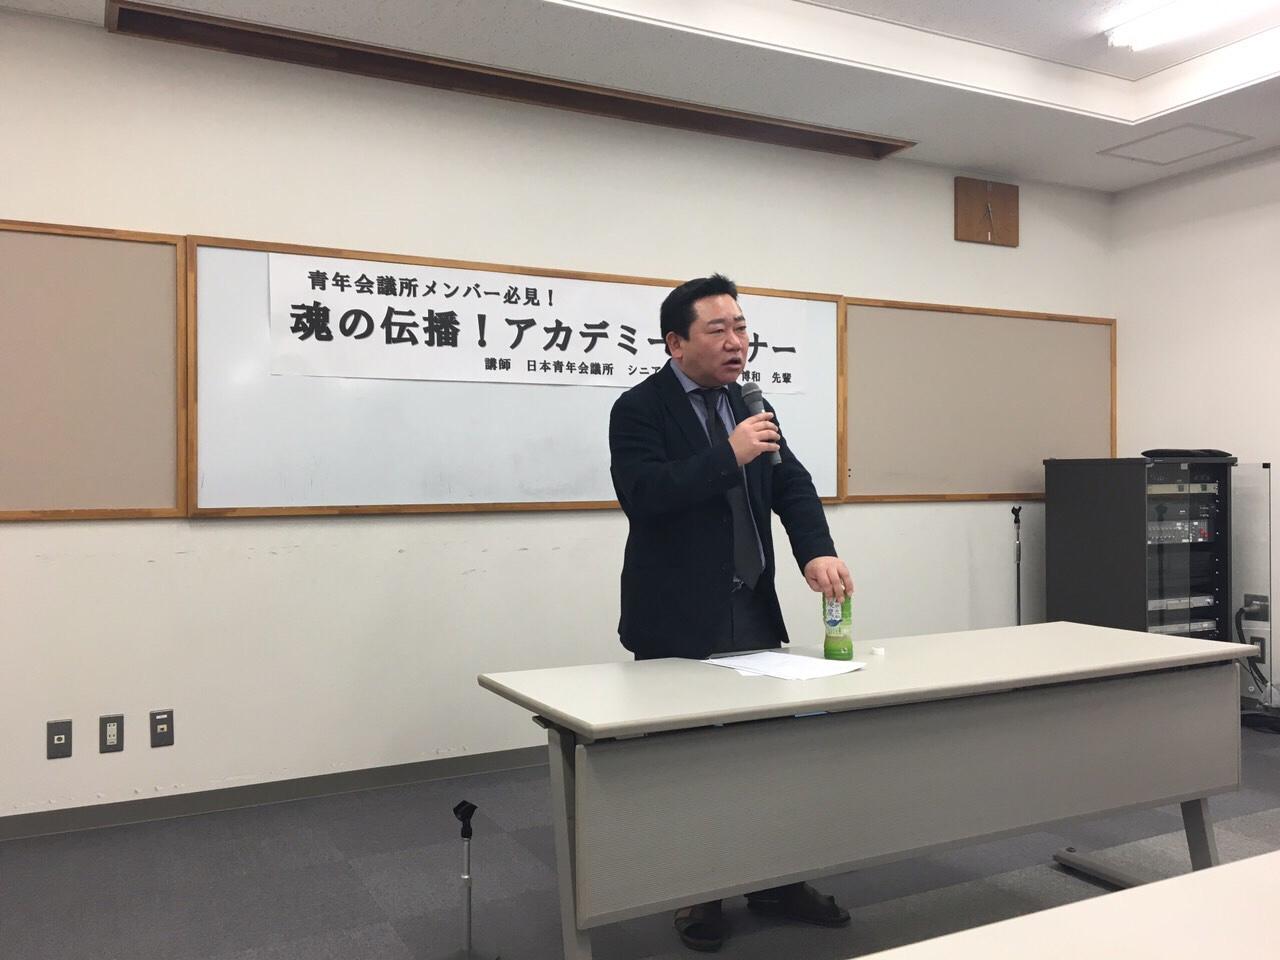 アカデミーセミナーが開催されました。